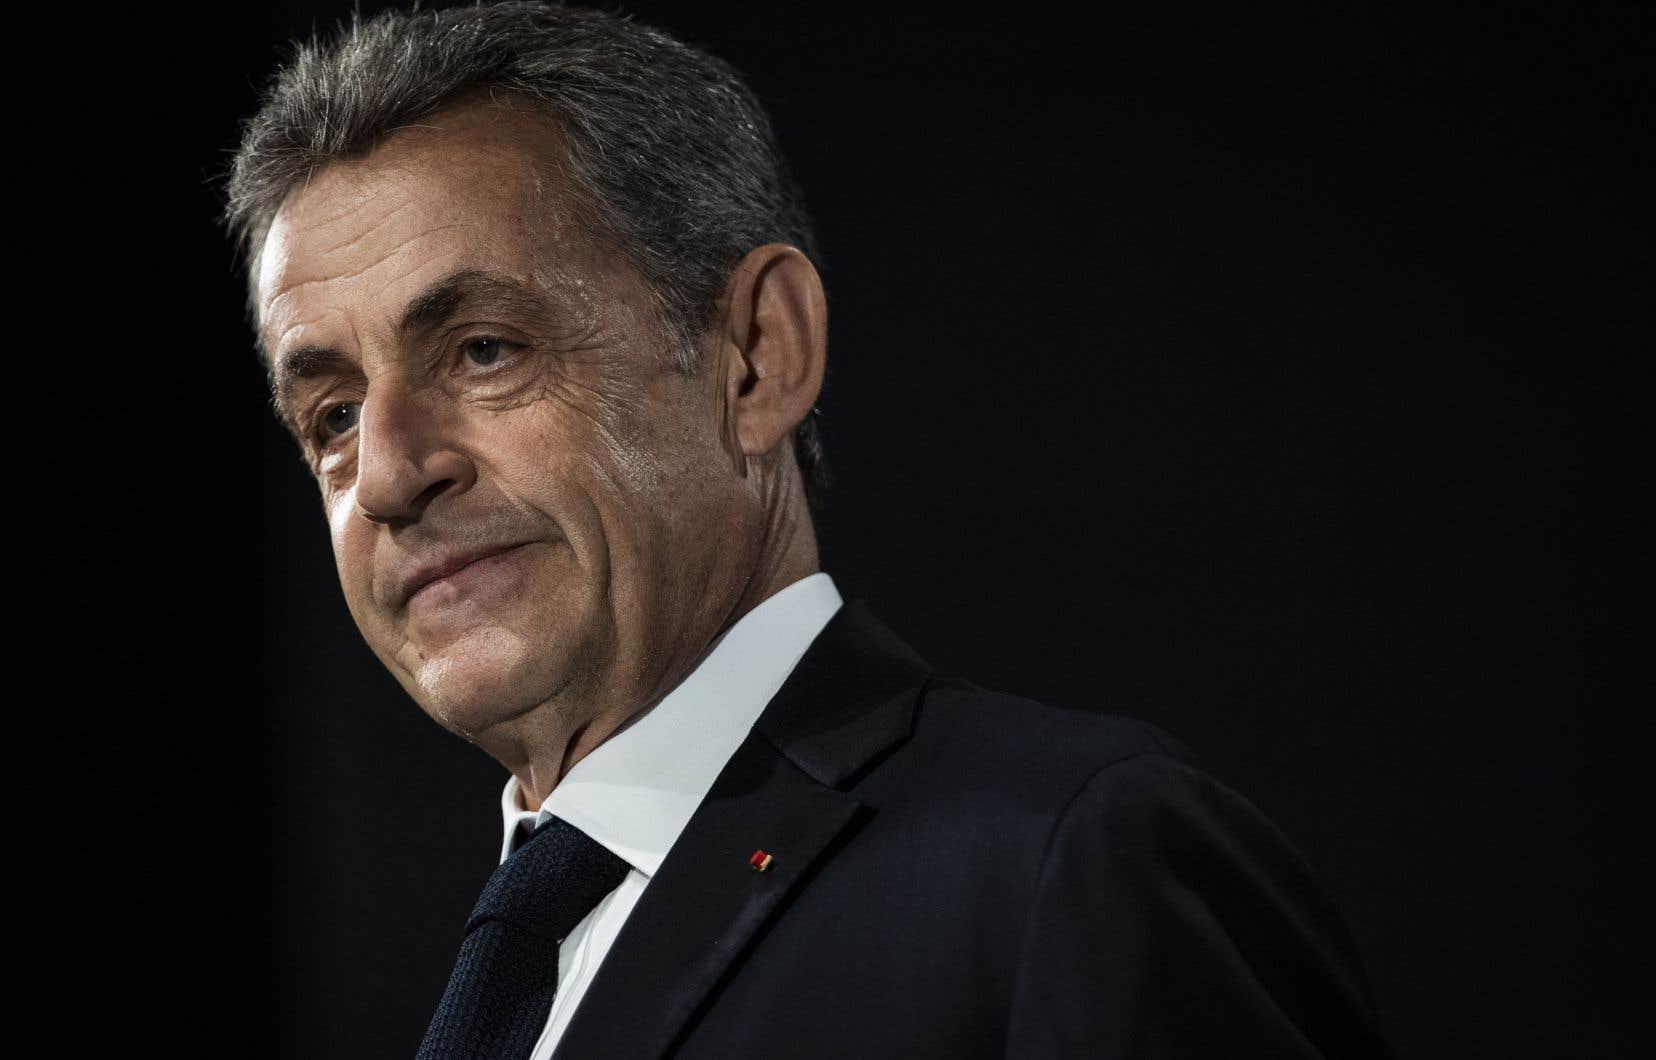 Nicolas Sarkozy est, entre autres, soupçonné d'avoir tenté, avec son avocat Thierry Herzog, d'obtenir d'un haut magistrat, Gilbert Azibert, des informations couvertes par le secret dans une procédure judiciaire.